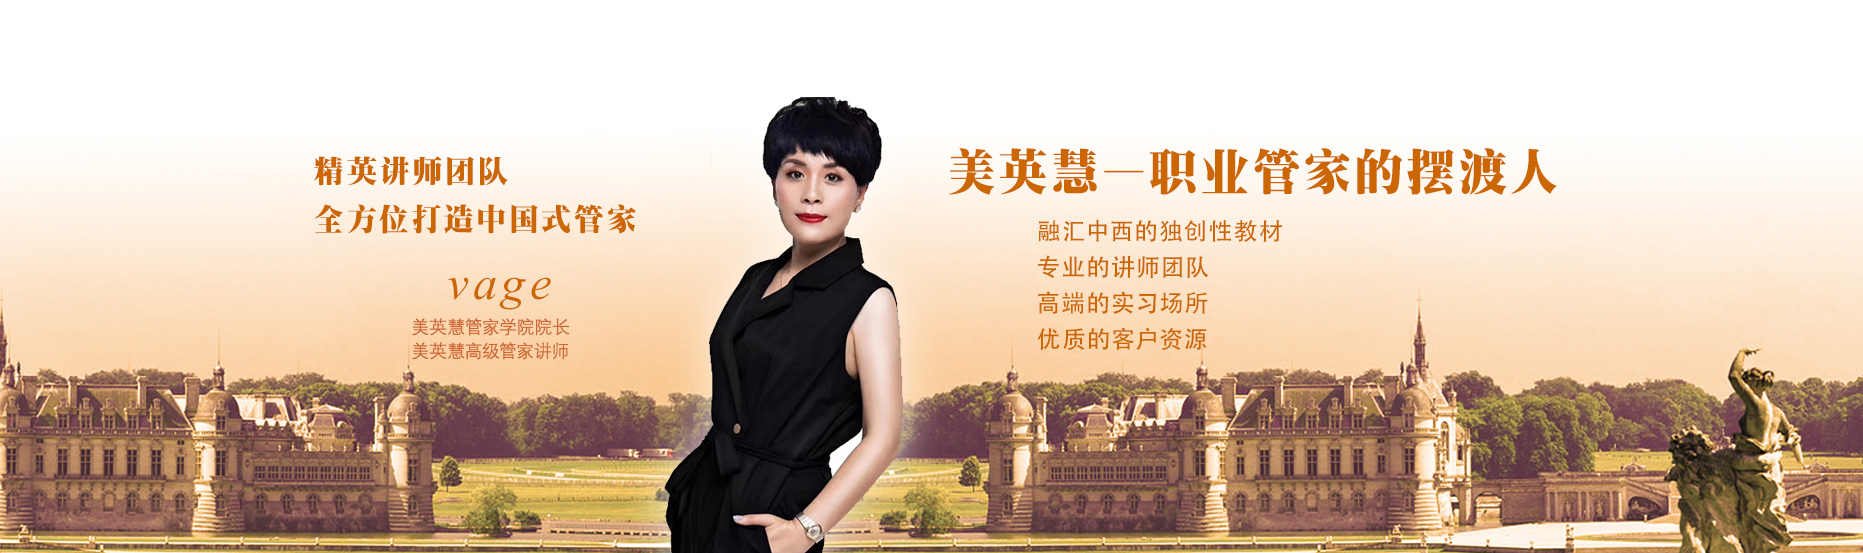 中式私人管家